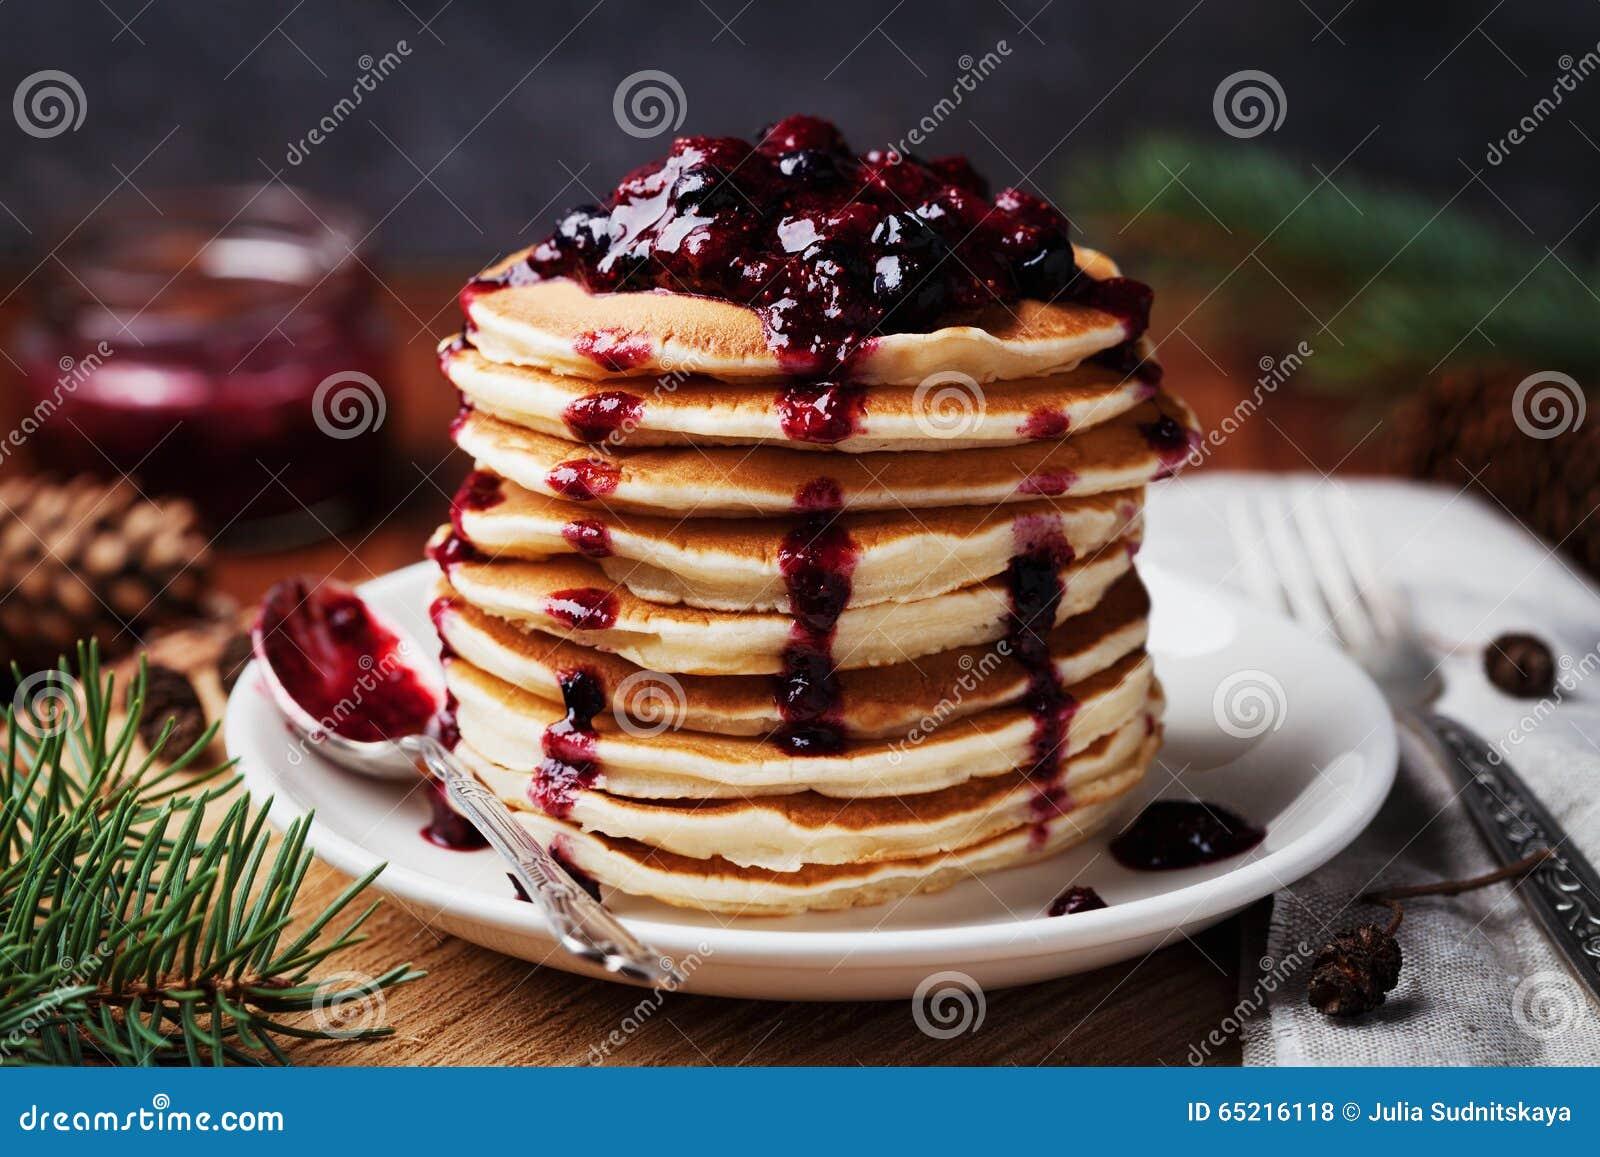 Американские блинчики или оладь оладьи служили с вареньем клубники и голубики, очень вкусным десертом для завтрака в зиме